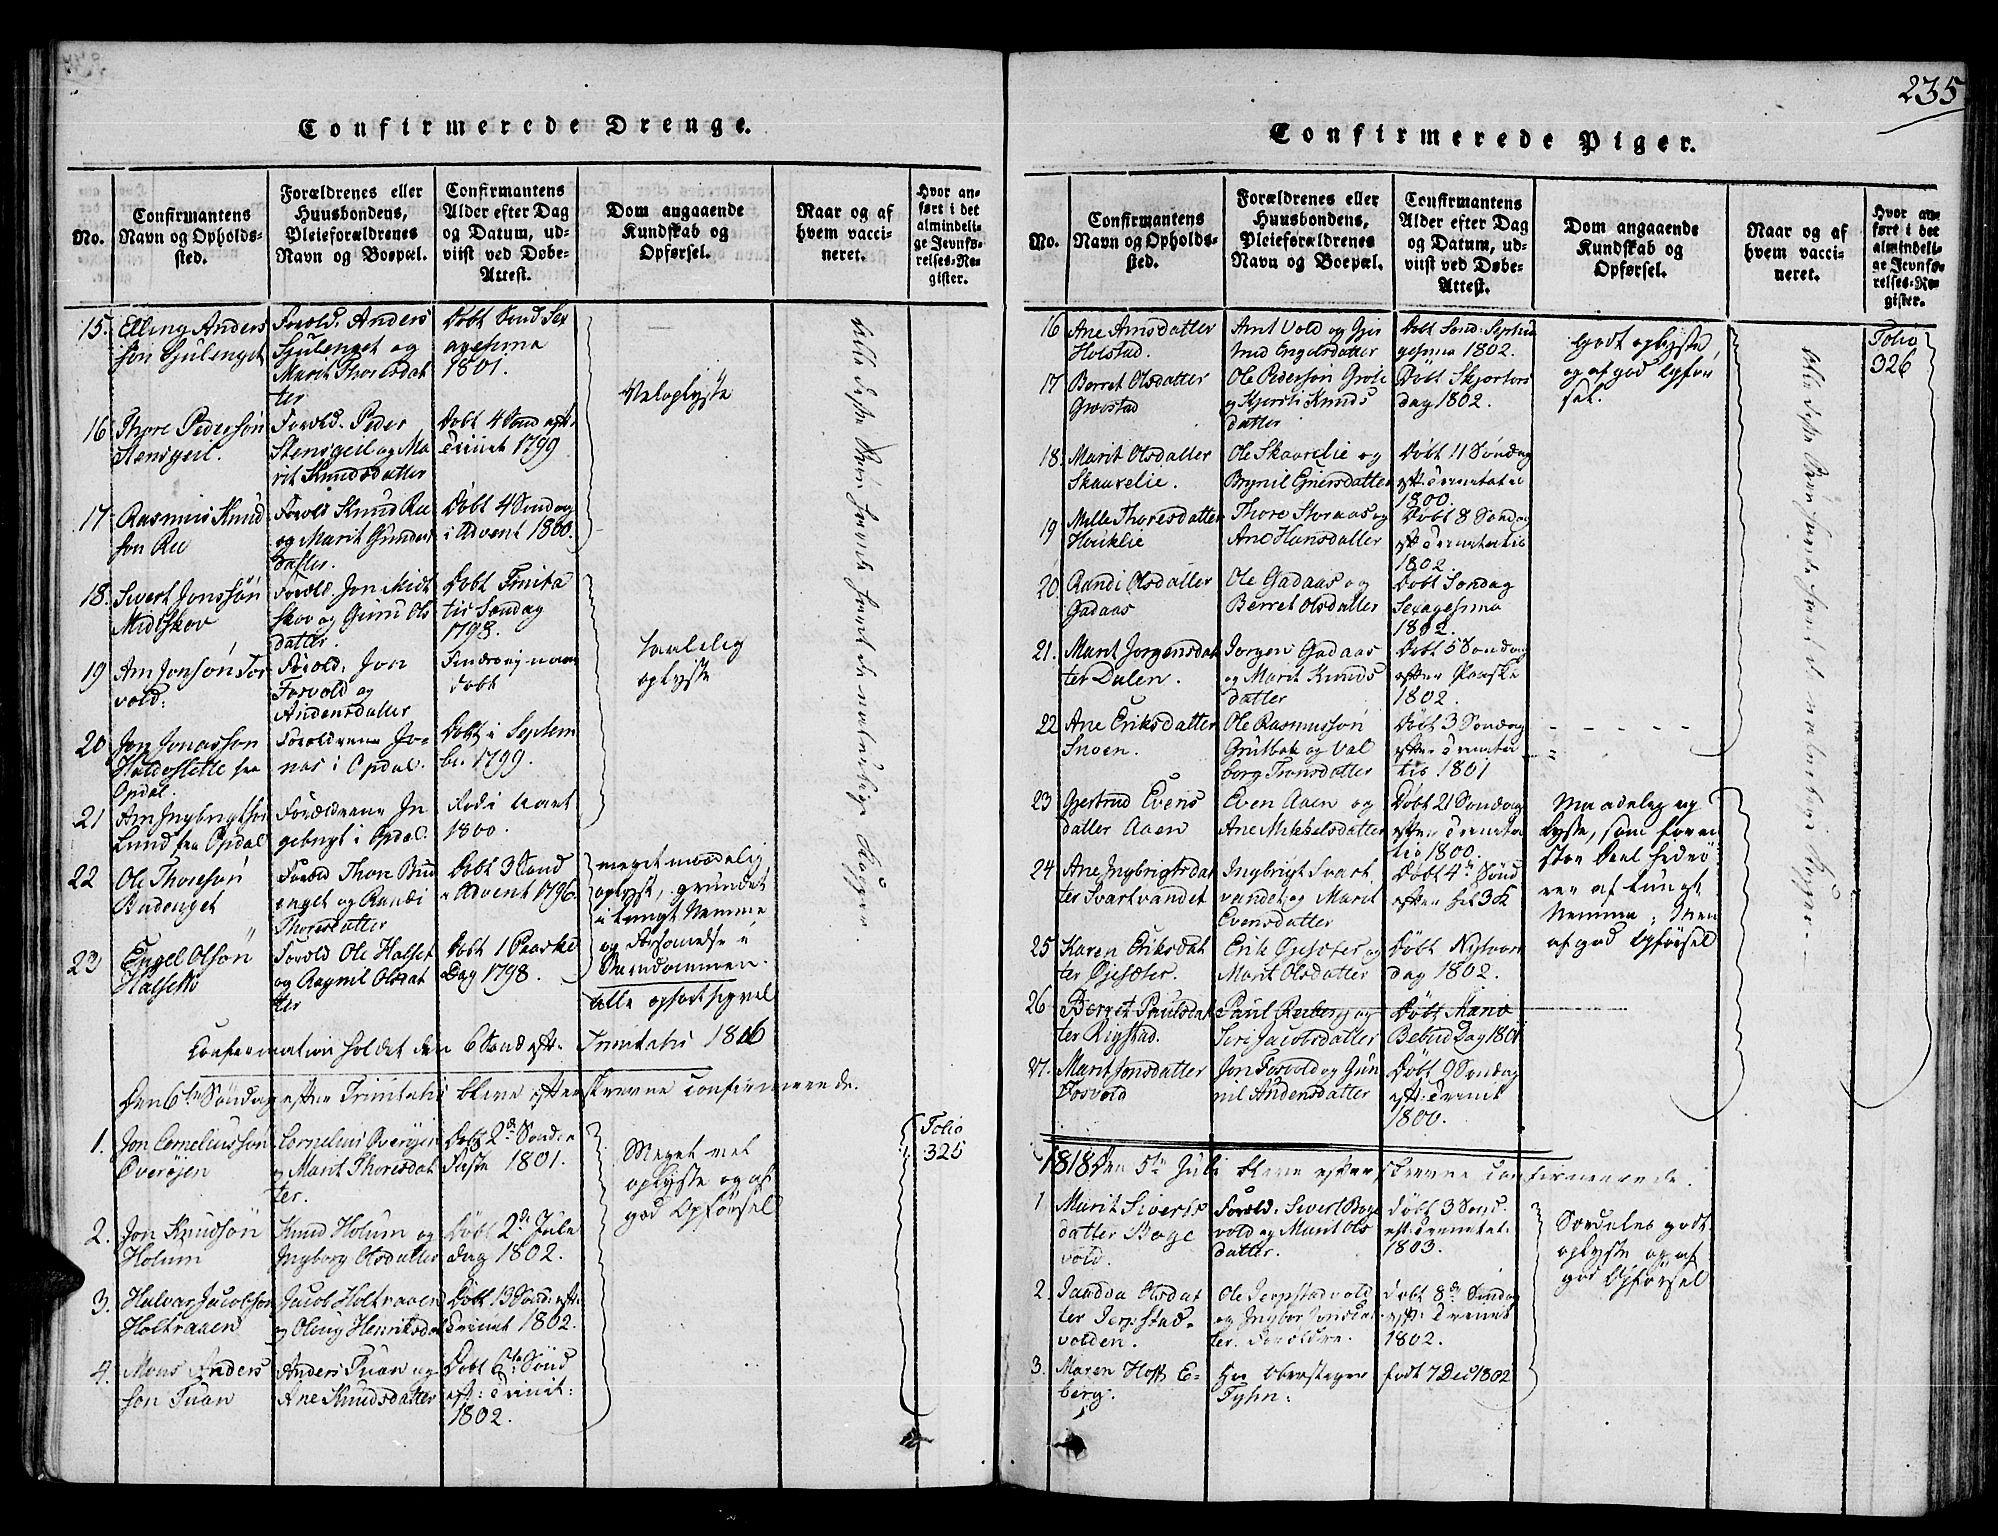 SAT, Ministerialprotokoller, klokkerbøker og fødselsregistre - Sør-Trøndelag, 672/L0853: Ministerialbok nr. 672A06 /1, 1816-1829, s. 235